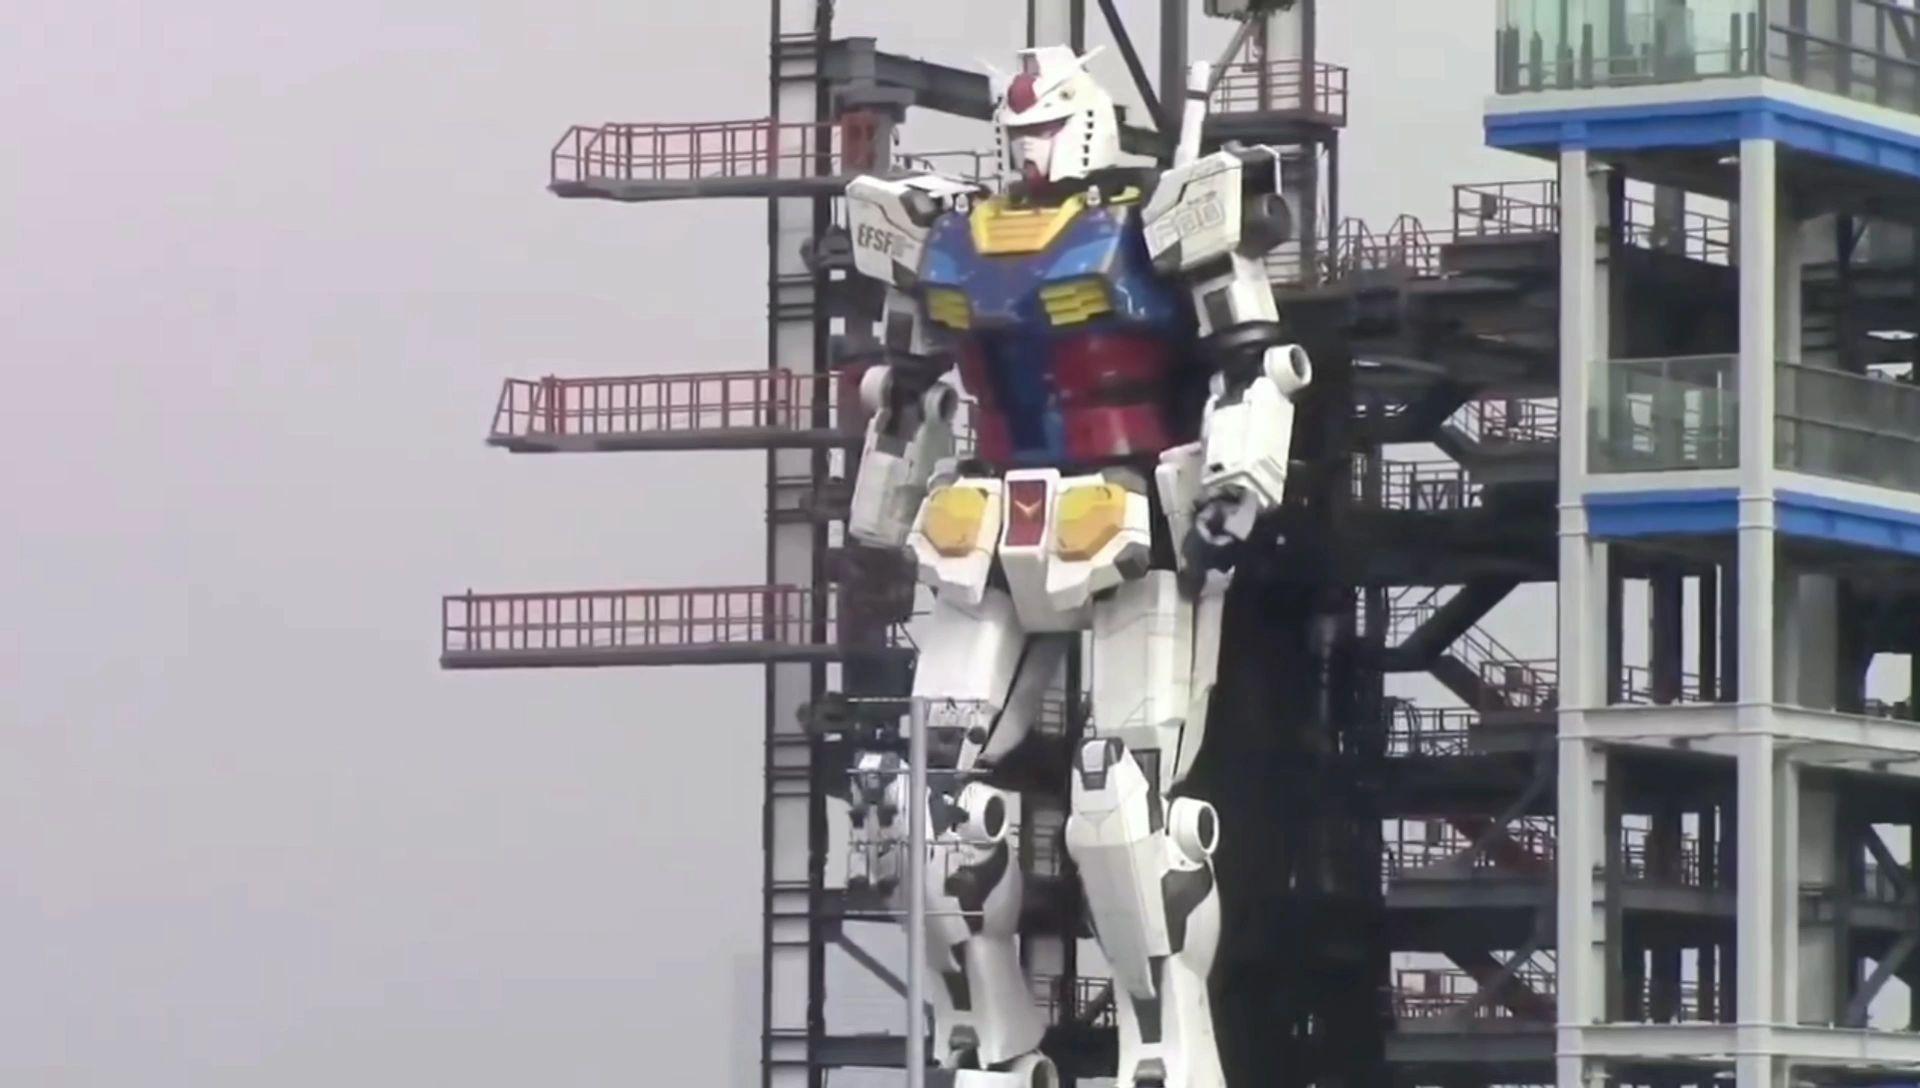 【Acer想看】日本横滨18米25顿高达动起来了